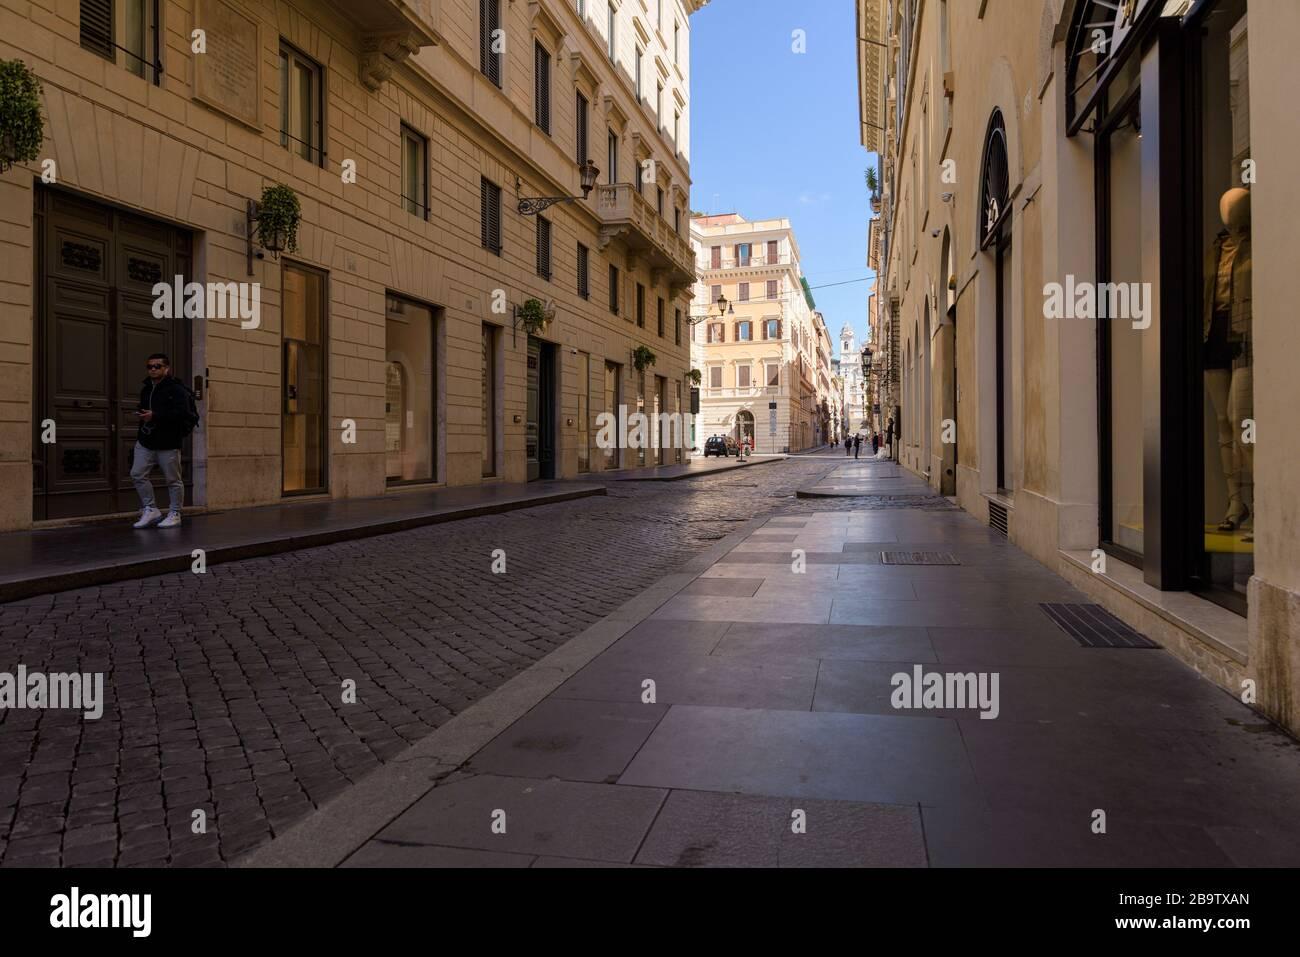 ROMA, ITALIA - 12 de marzo de 2020: Un hombre camina por la calle que conduce a los pasos españoles, vacío hoy después de los meas de confinamiento de la pandemia del coronavirus Foto de stock